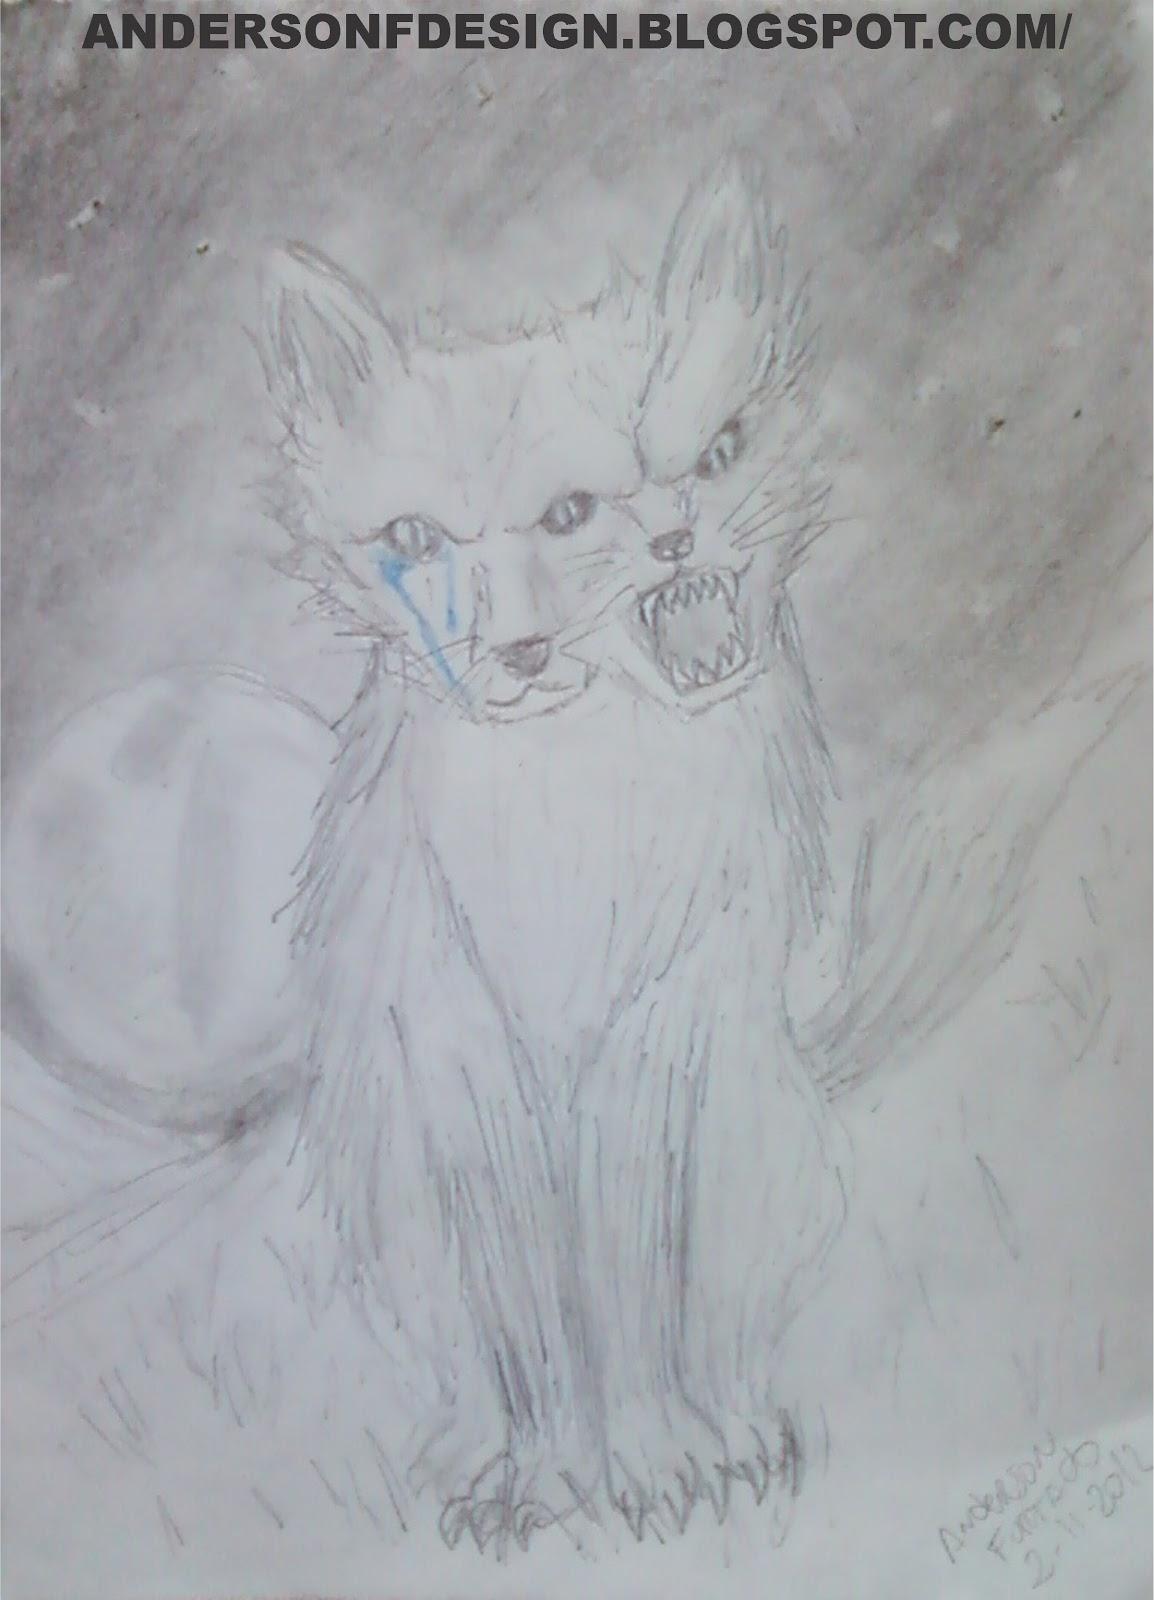 Anderson Furtado Desenho Lobo Solitario